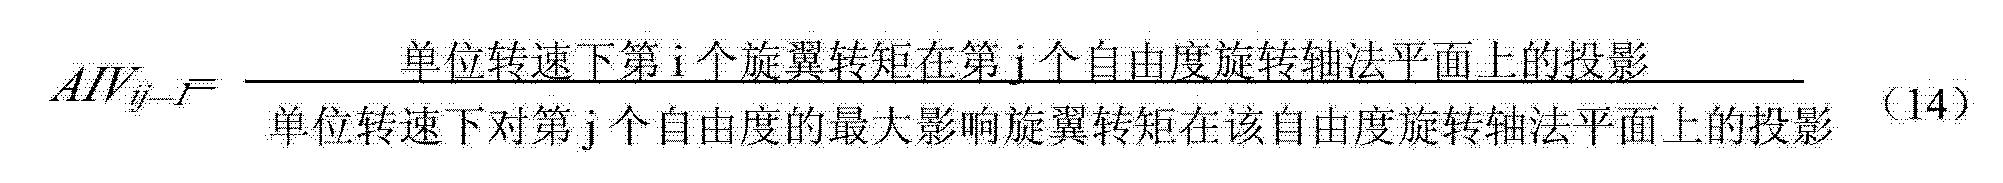 Figure CN102340113BD00092